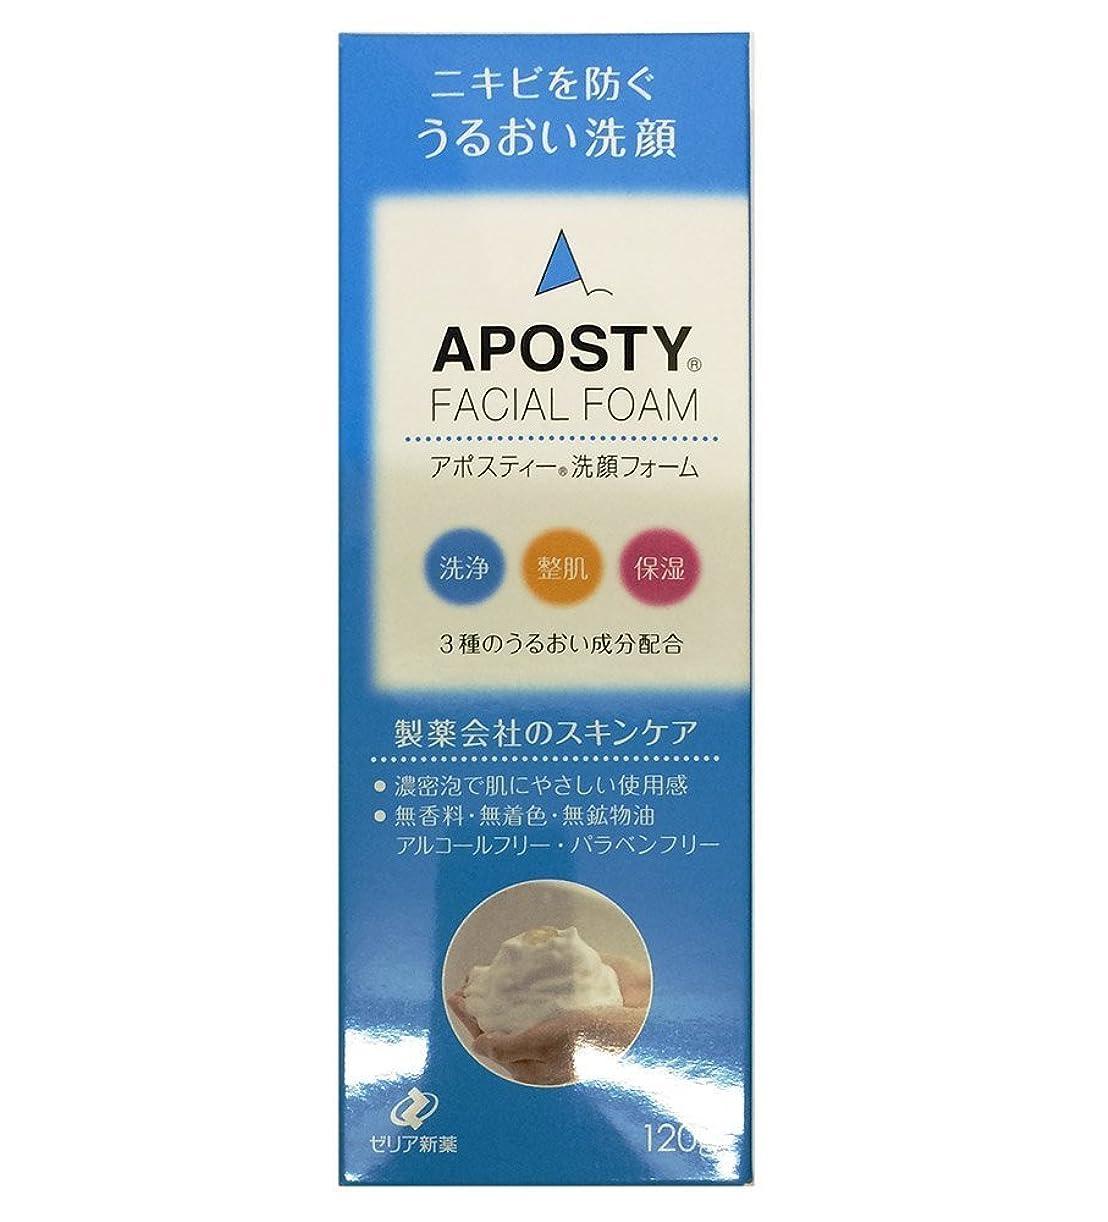 安いです熱帯のペッカディロゼリア新薬工業 アポスティー 洗顔フォーム 120g